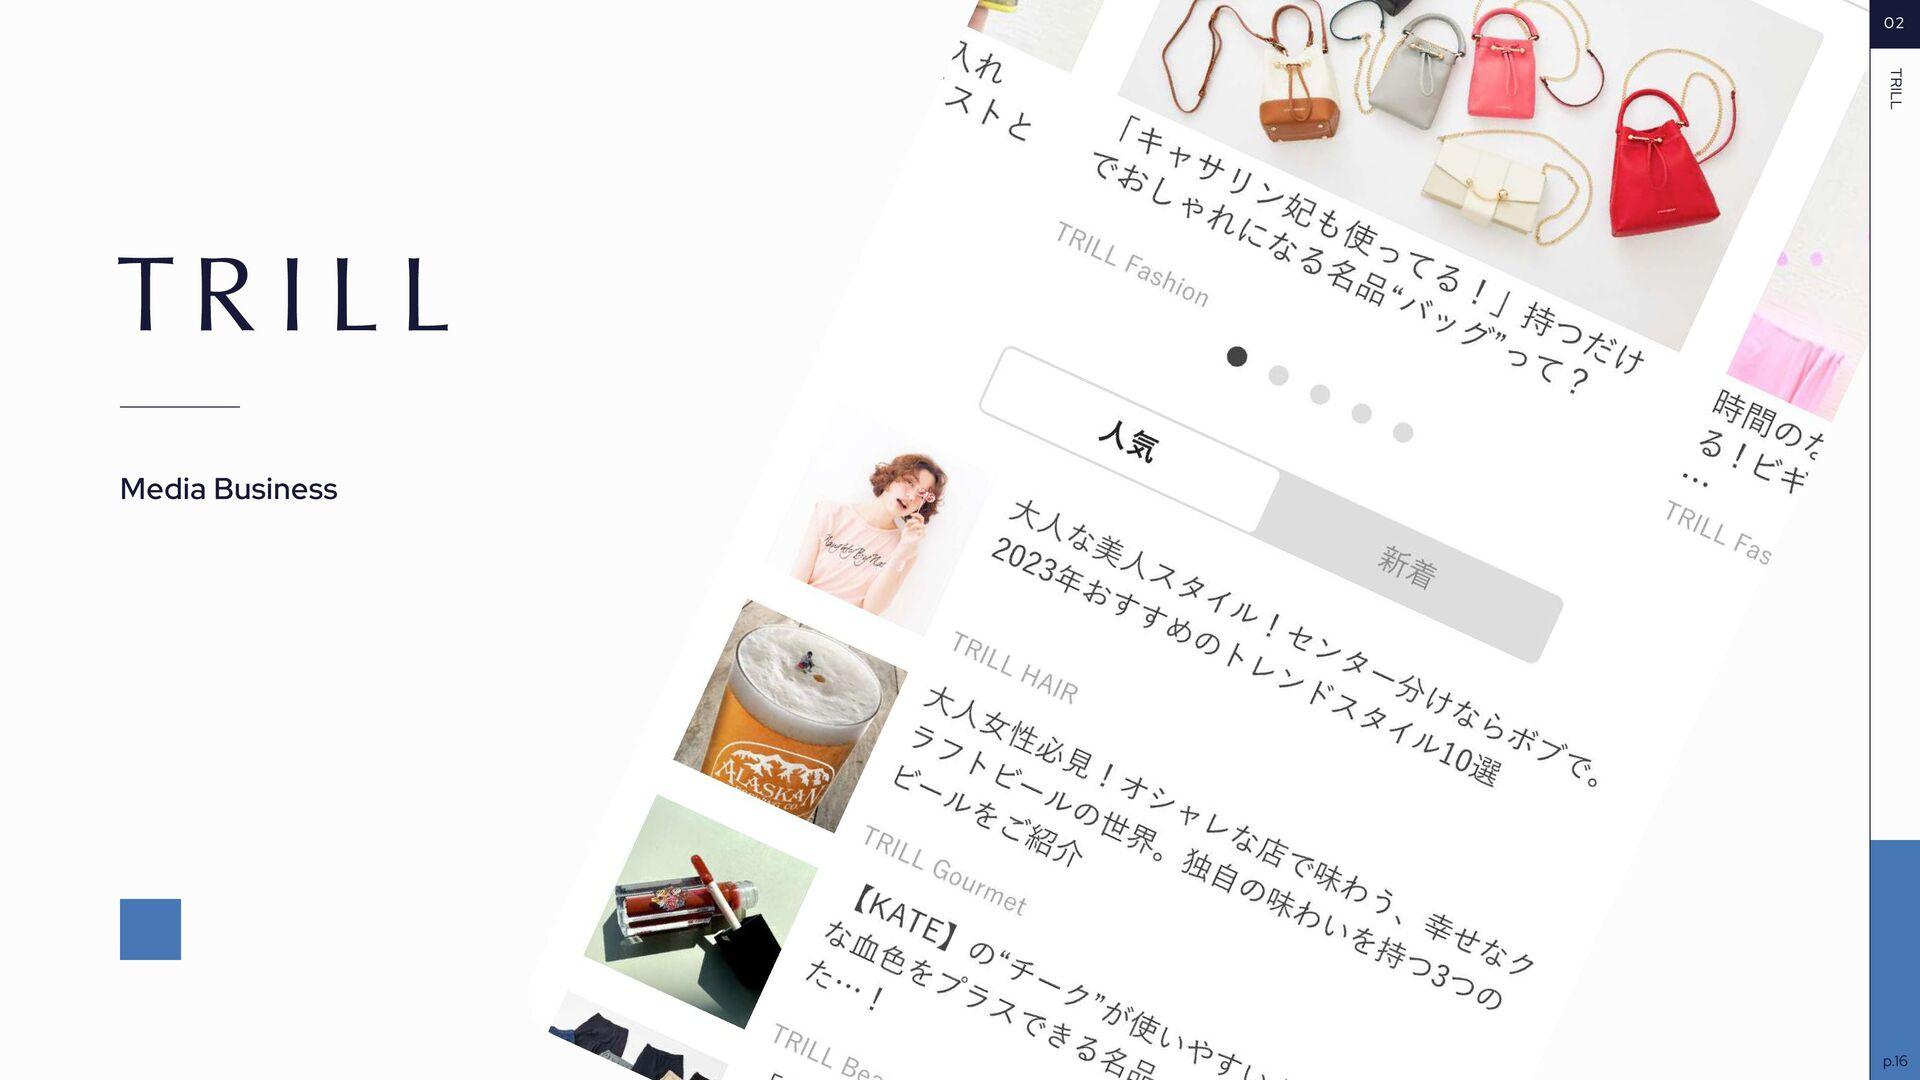 TRILLは女性の自己実現を支援する、国内No.1の女性向けメディアです。   月間利用者数は...